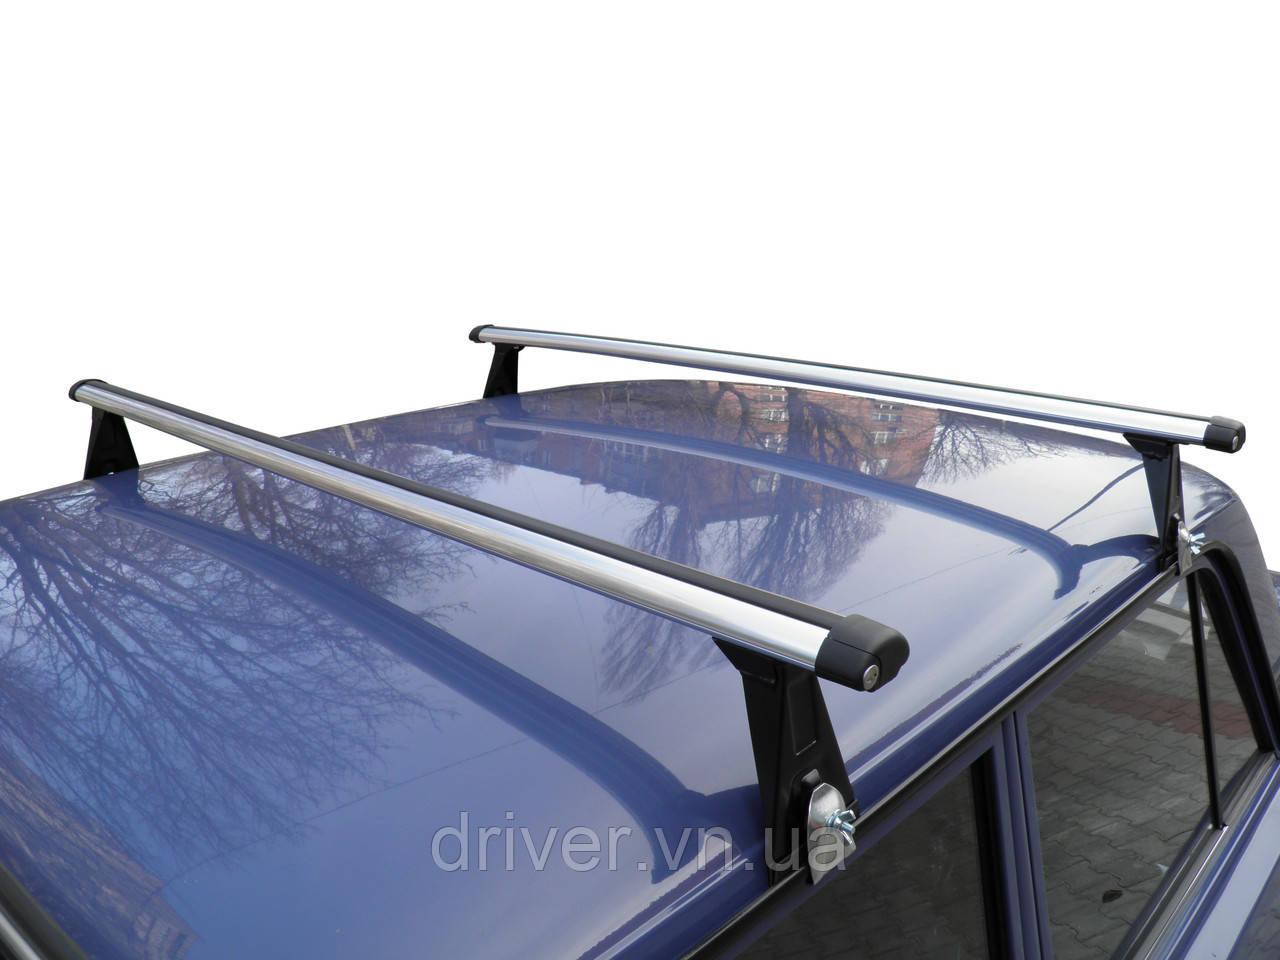 Багажник на водостоки (алюміній) UNI AERO 130см.